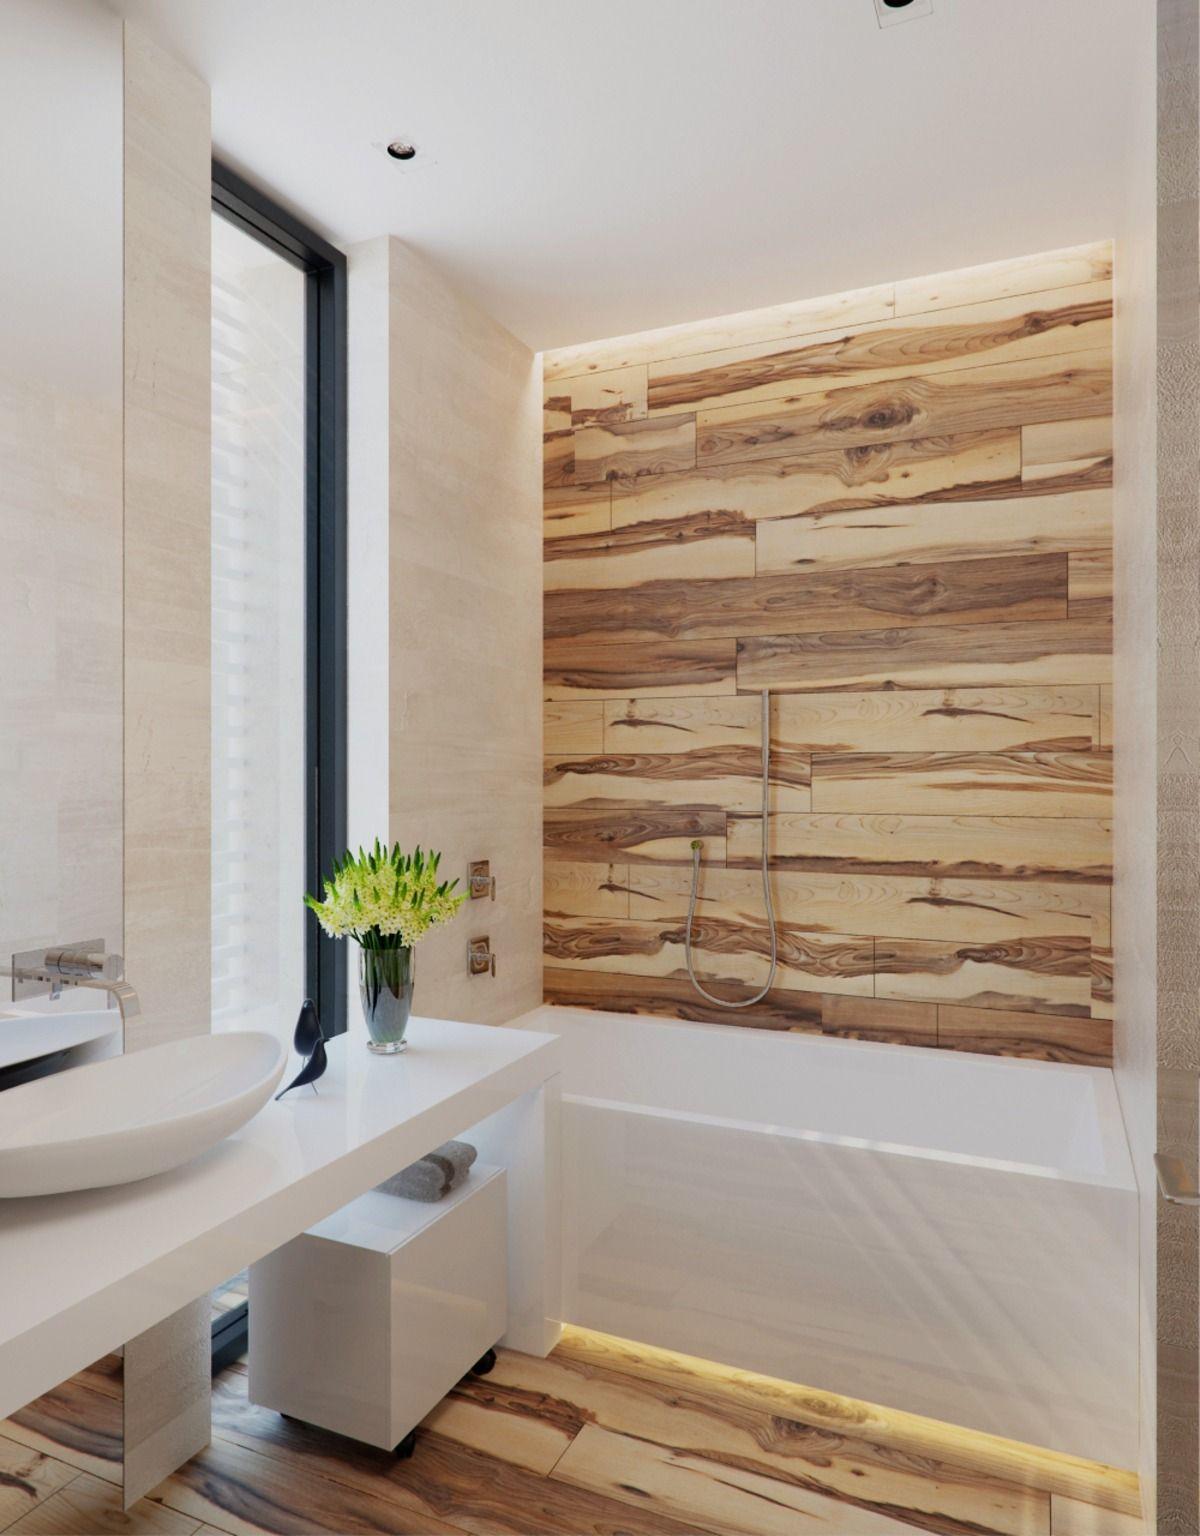 Https Deavita Com Wp Content Uploads 2019 10 Moderne Wandverkleidung Im Bad Mit Holzoptik Und Fugenlose Moderne Wandverkleidung Wandverkleidung Badgestaltung